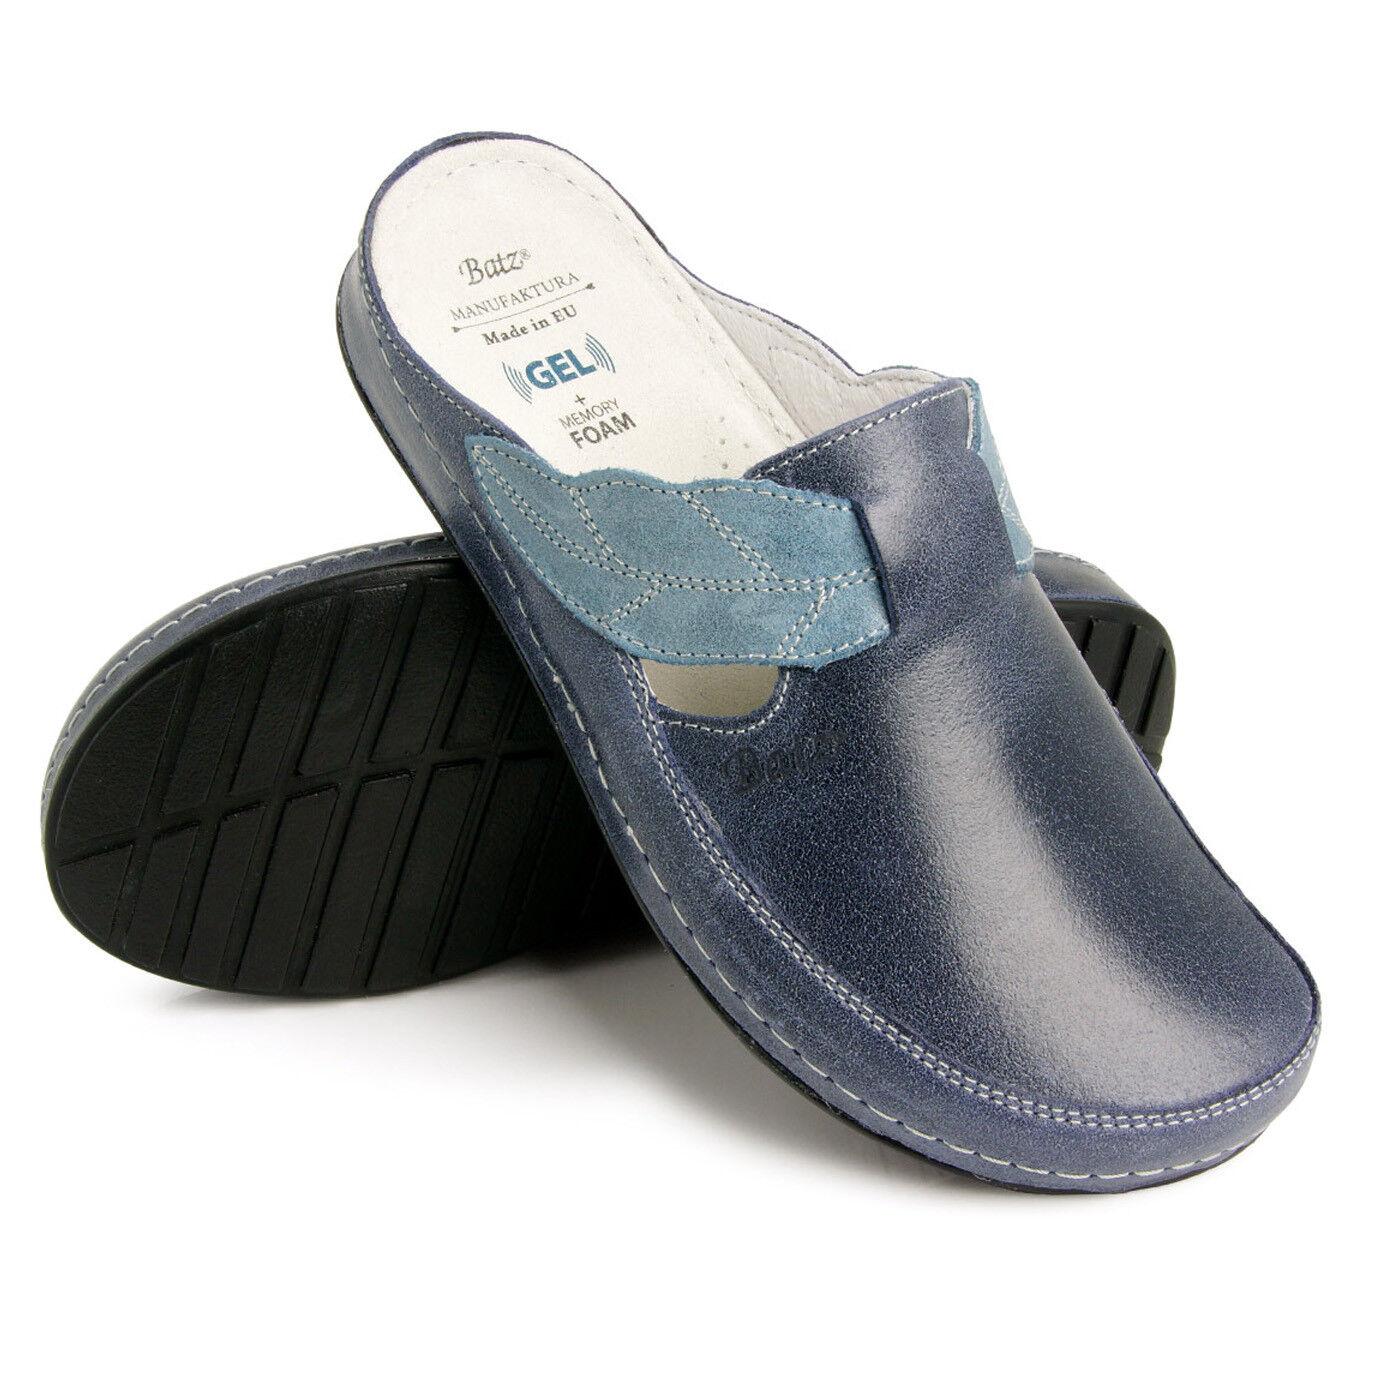 Batz NLK Blau damen Leather Slip On Mules Clogs, EU 39, UK 5.5